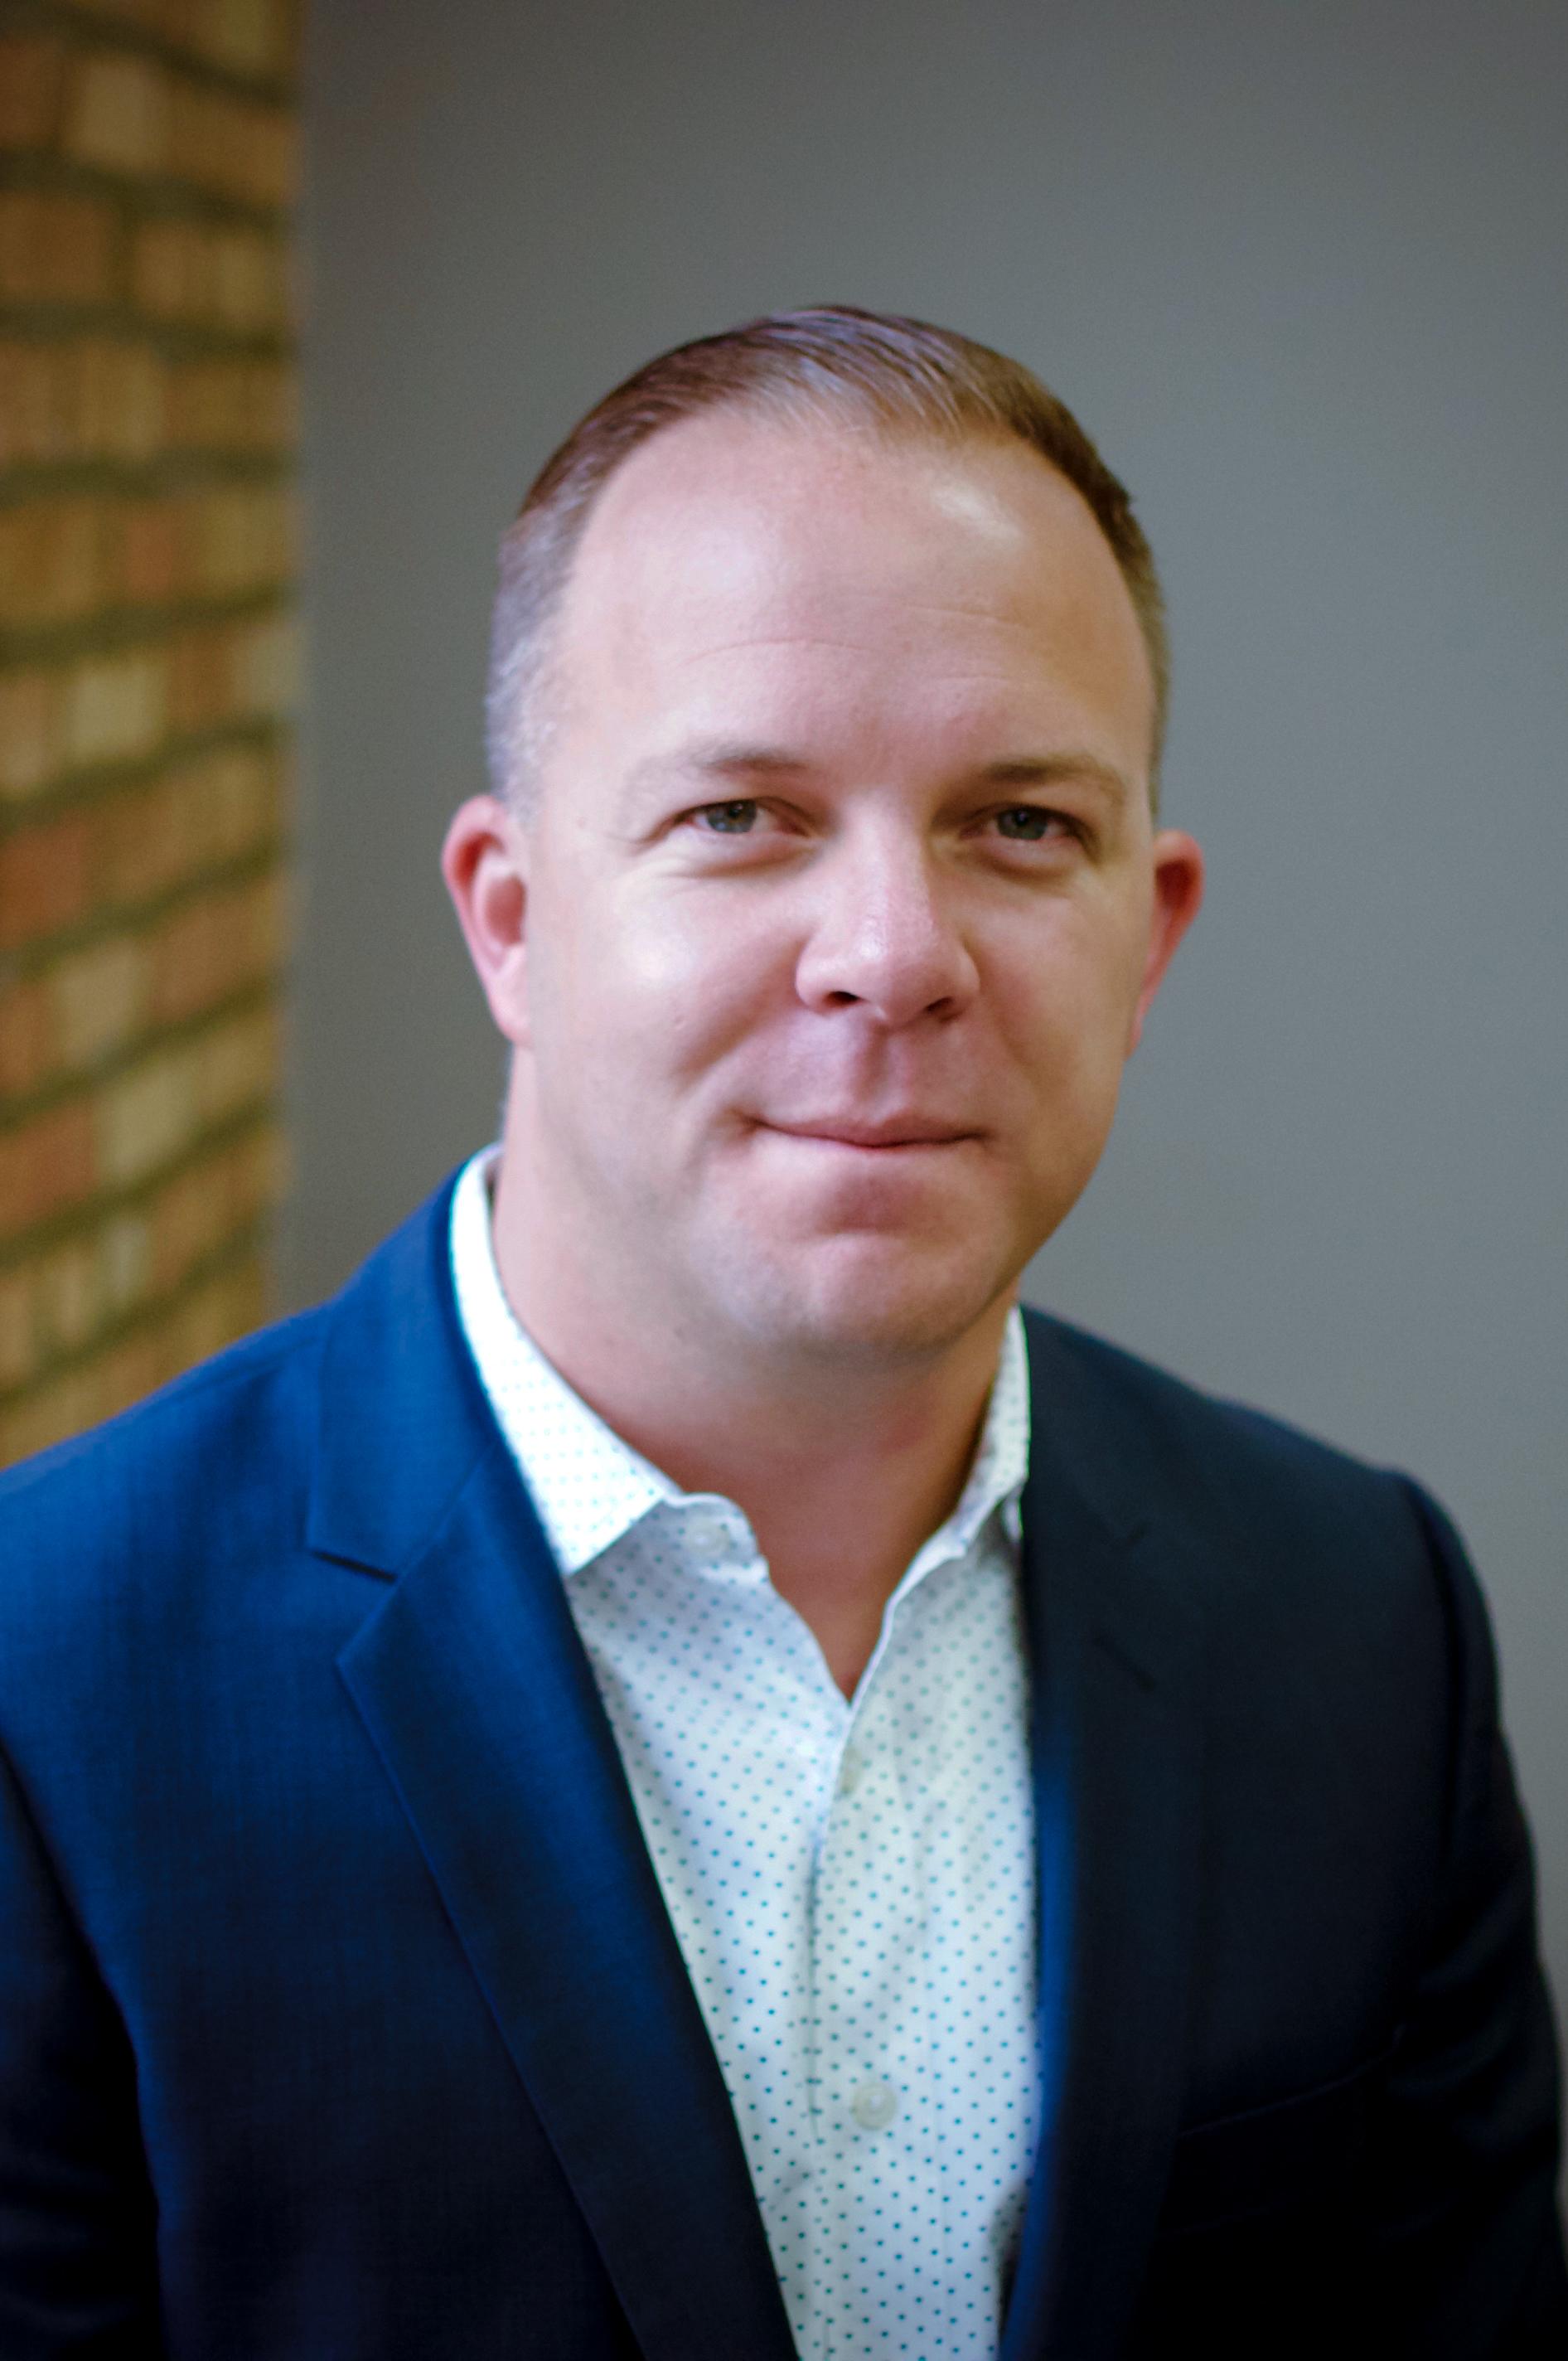 Scott Frauenheim